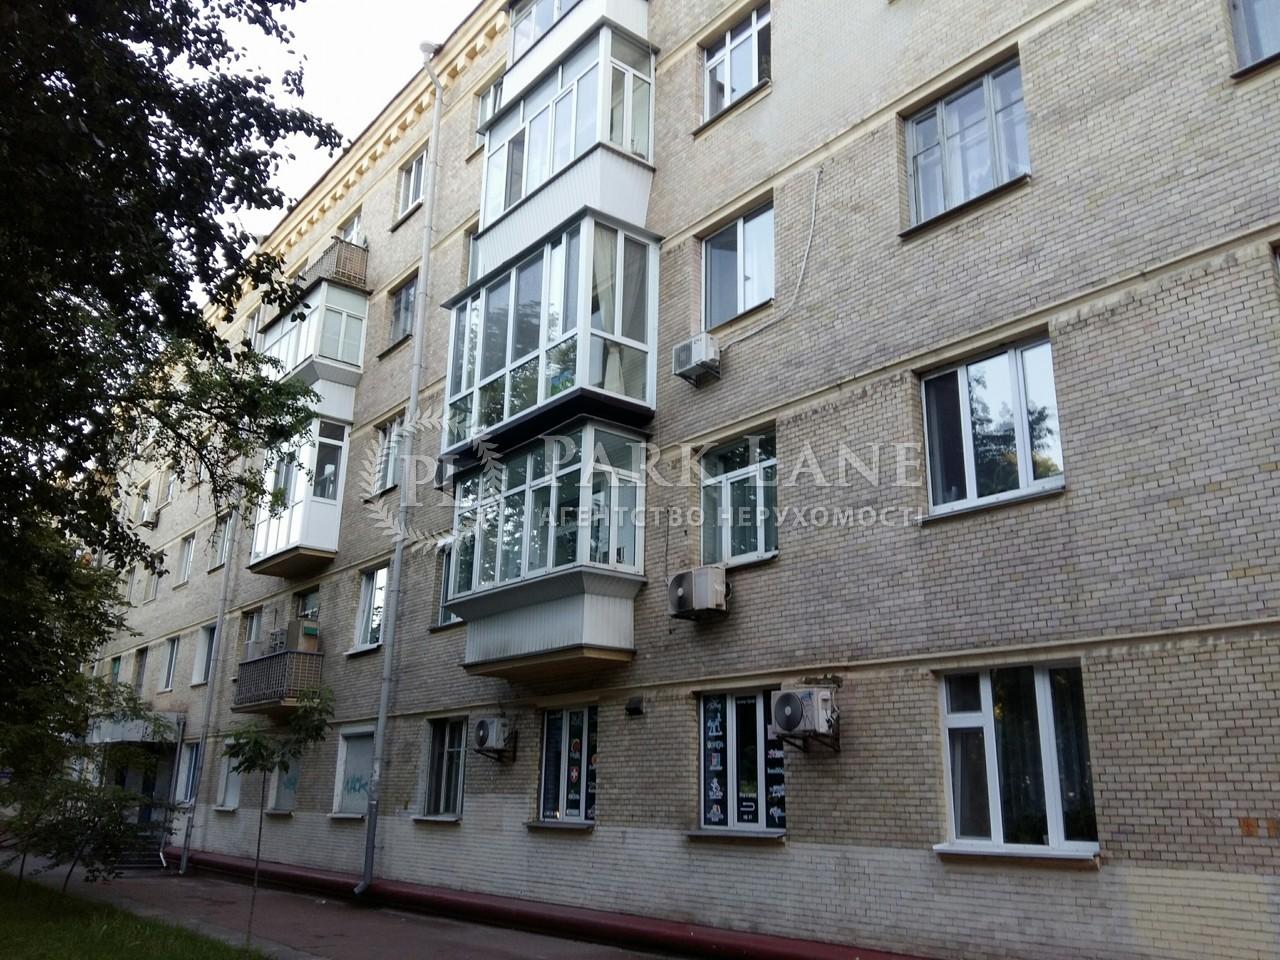 Квартира ул. Лаврская, 4, Киев, R-3234 - Фото 1